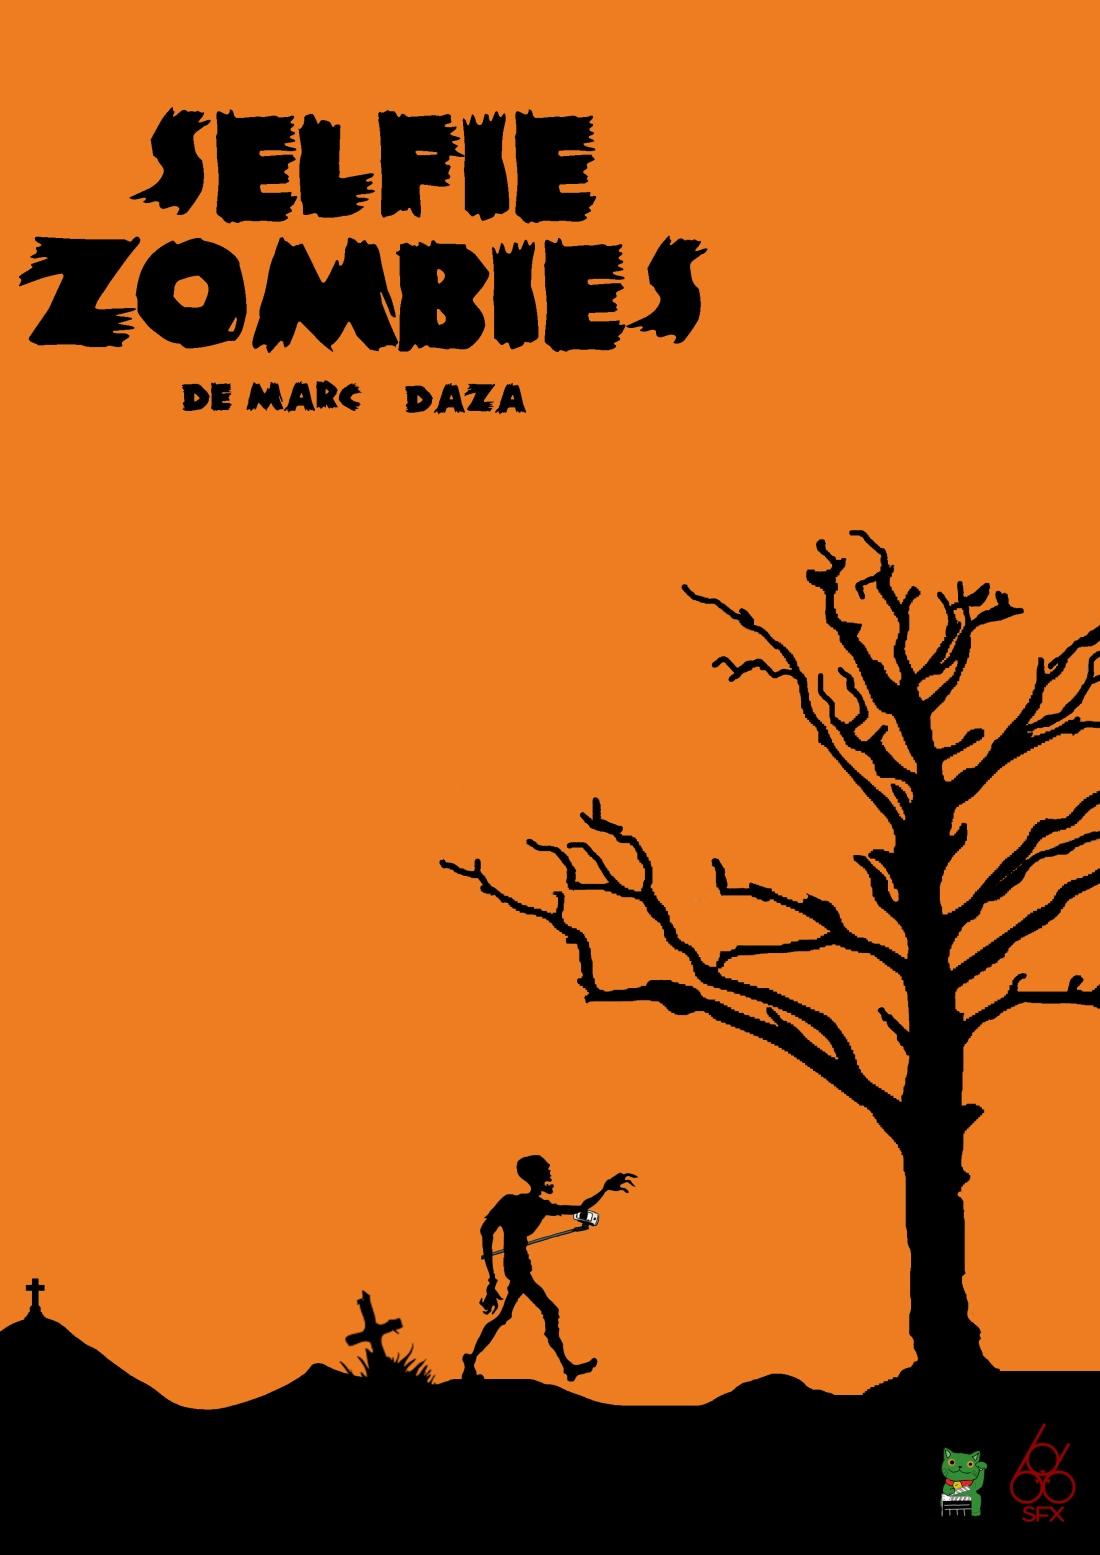 selfie zombies poster